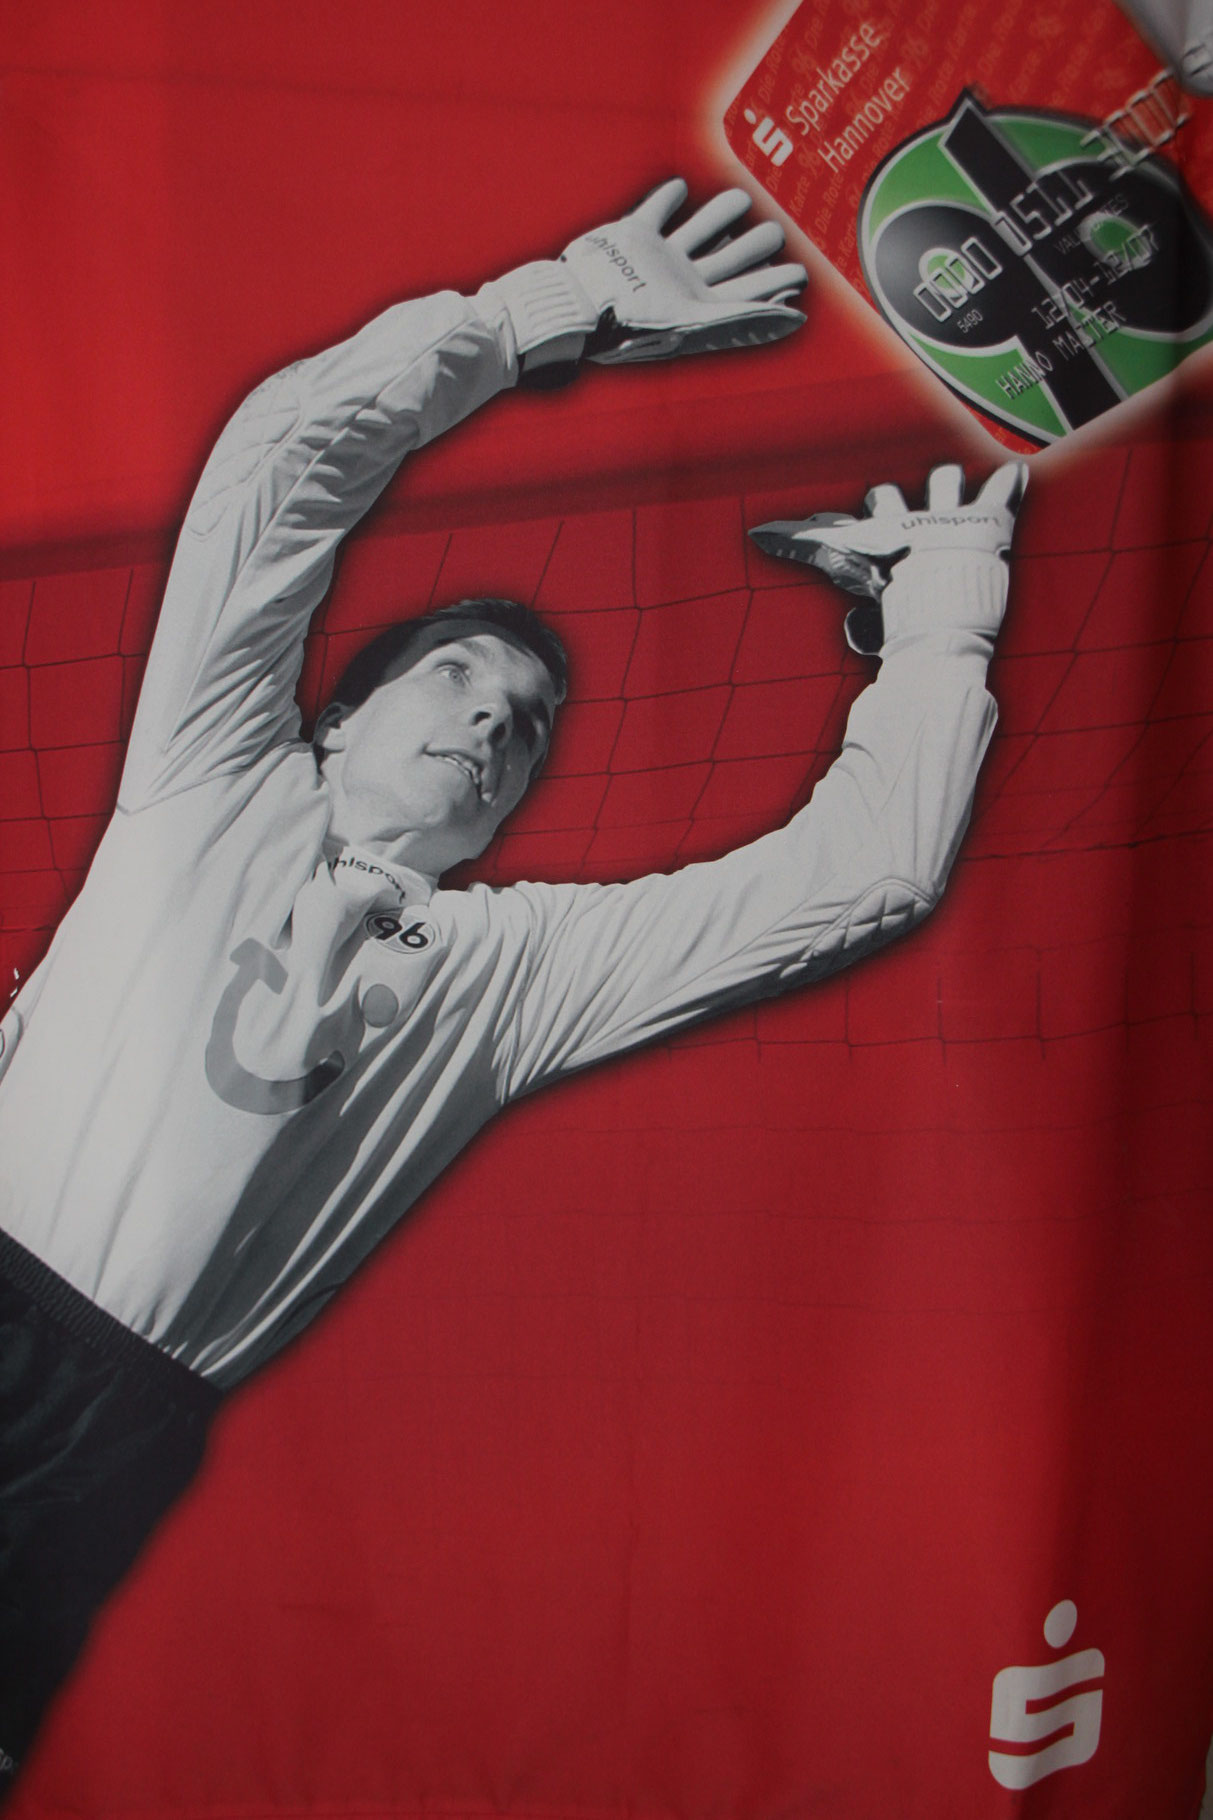 Alte Werbefahne von der Sparkasse Hannover mit DER Nummer eins von Hannover 96 Robert Enke.